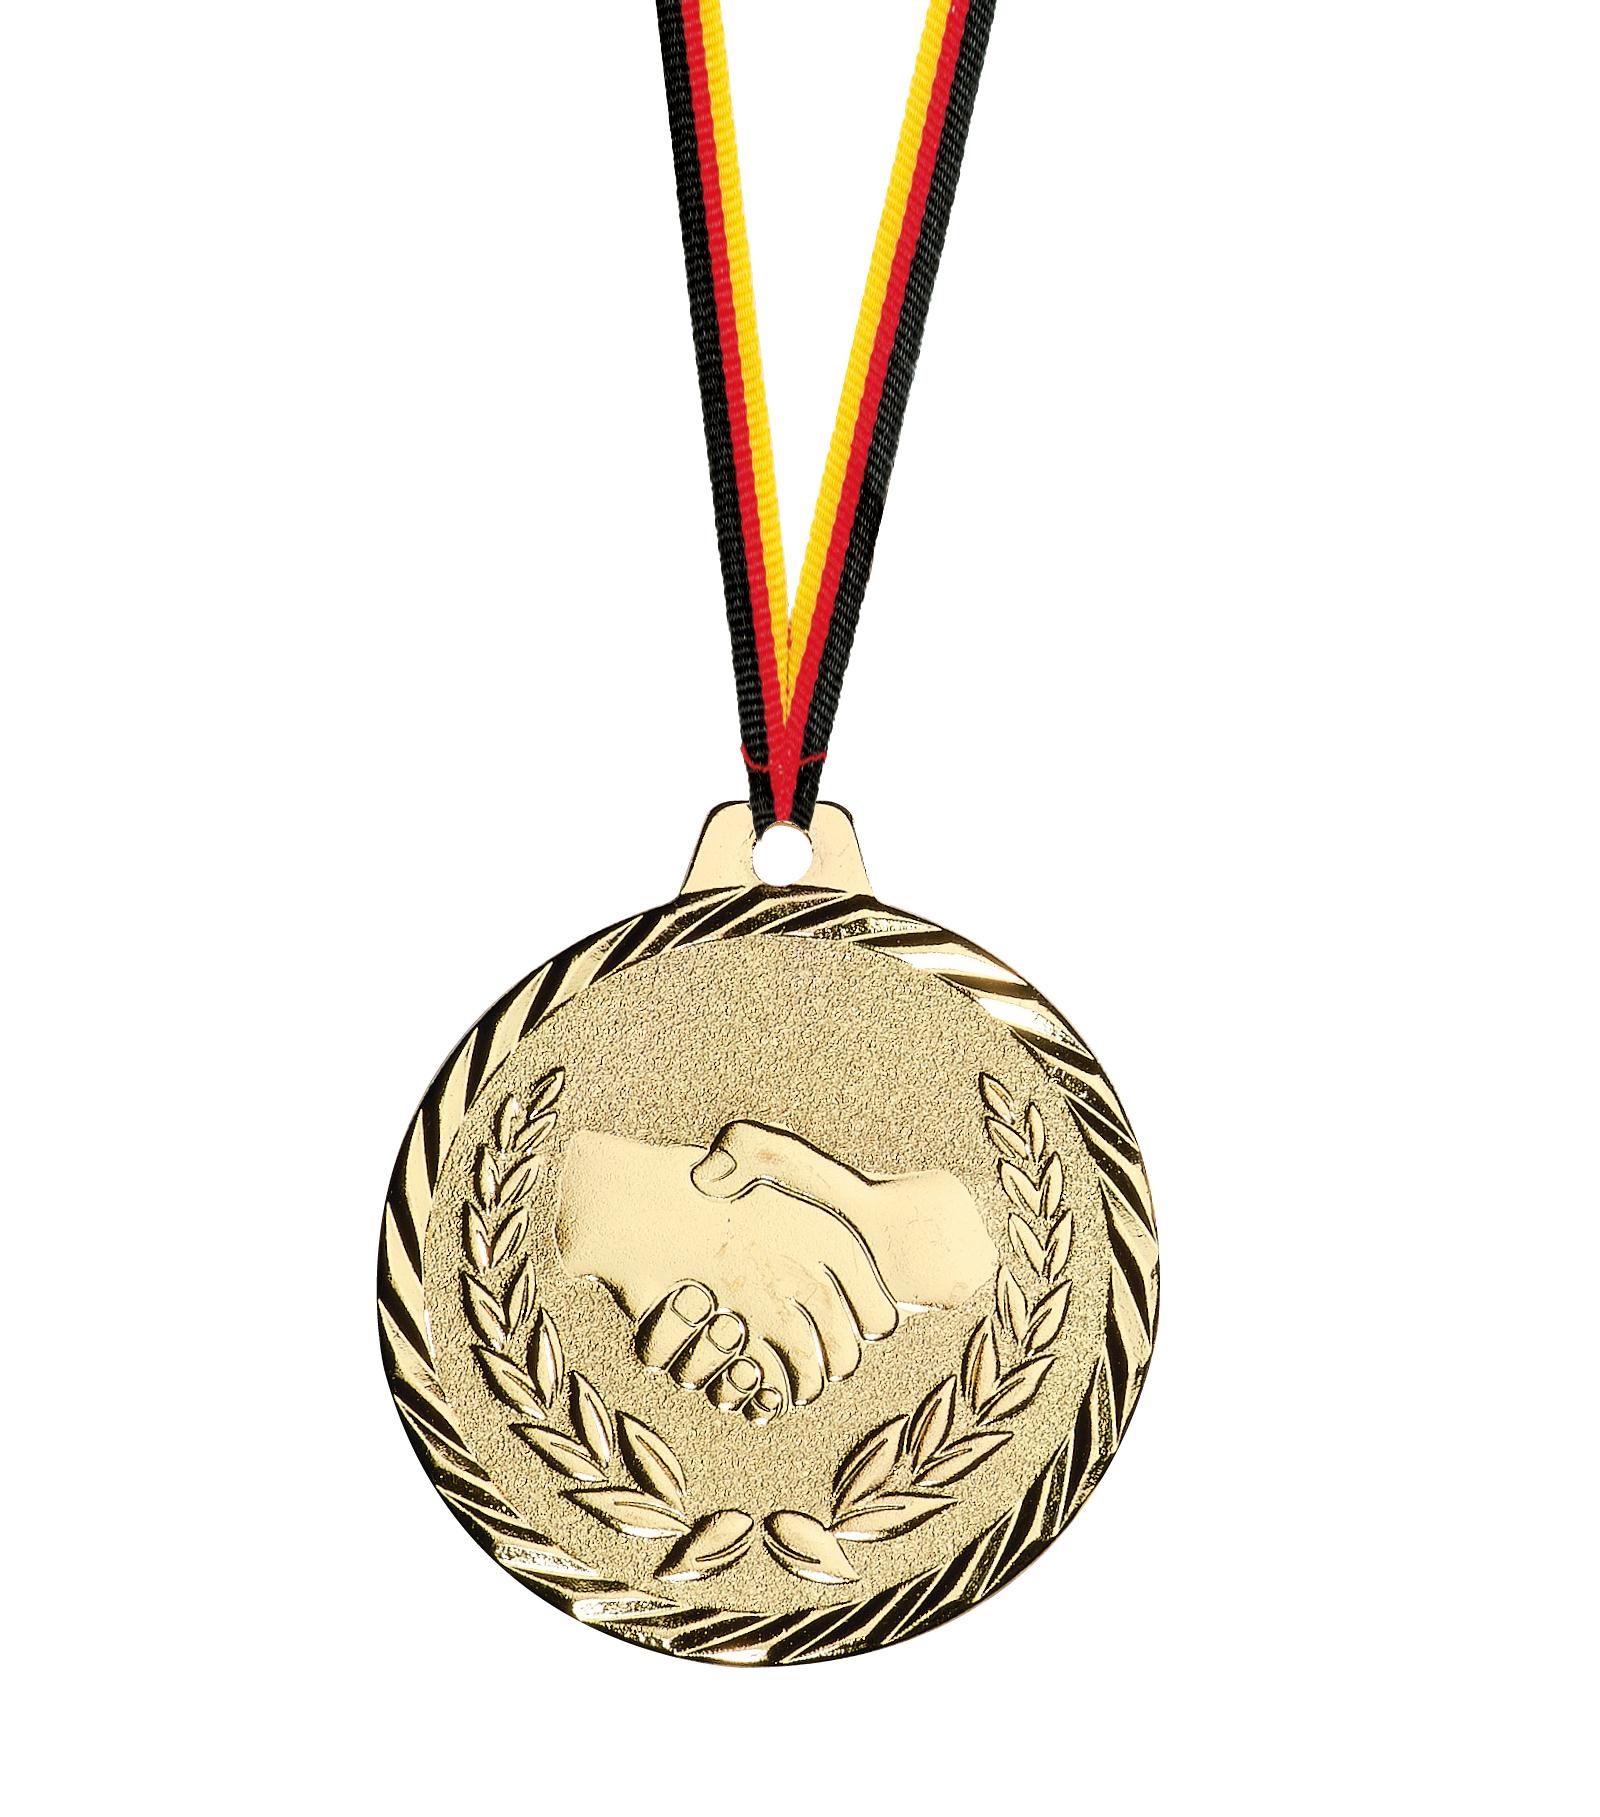 Siegermedaille geprägt Medaillen Premium hochwertig edel